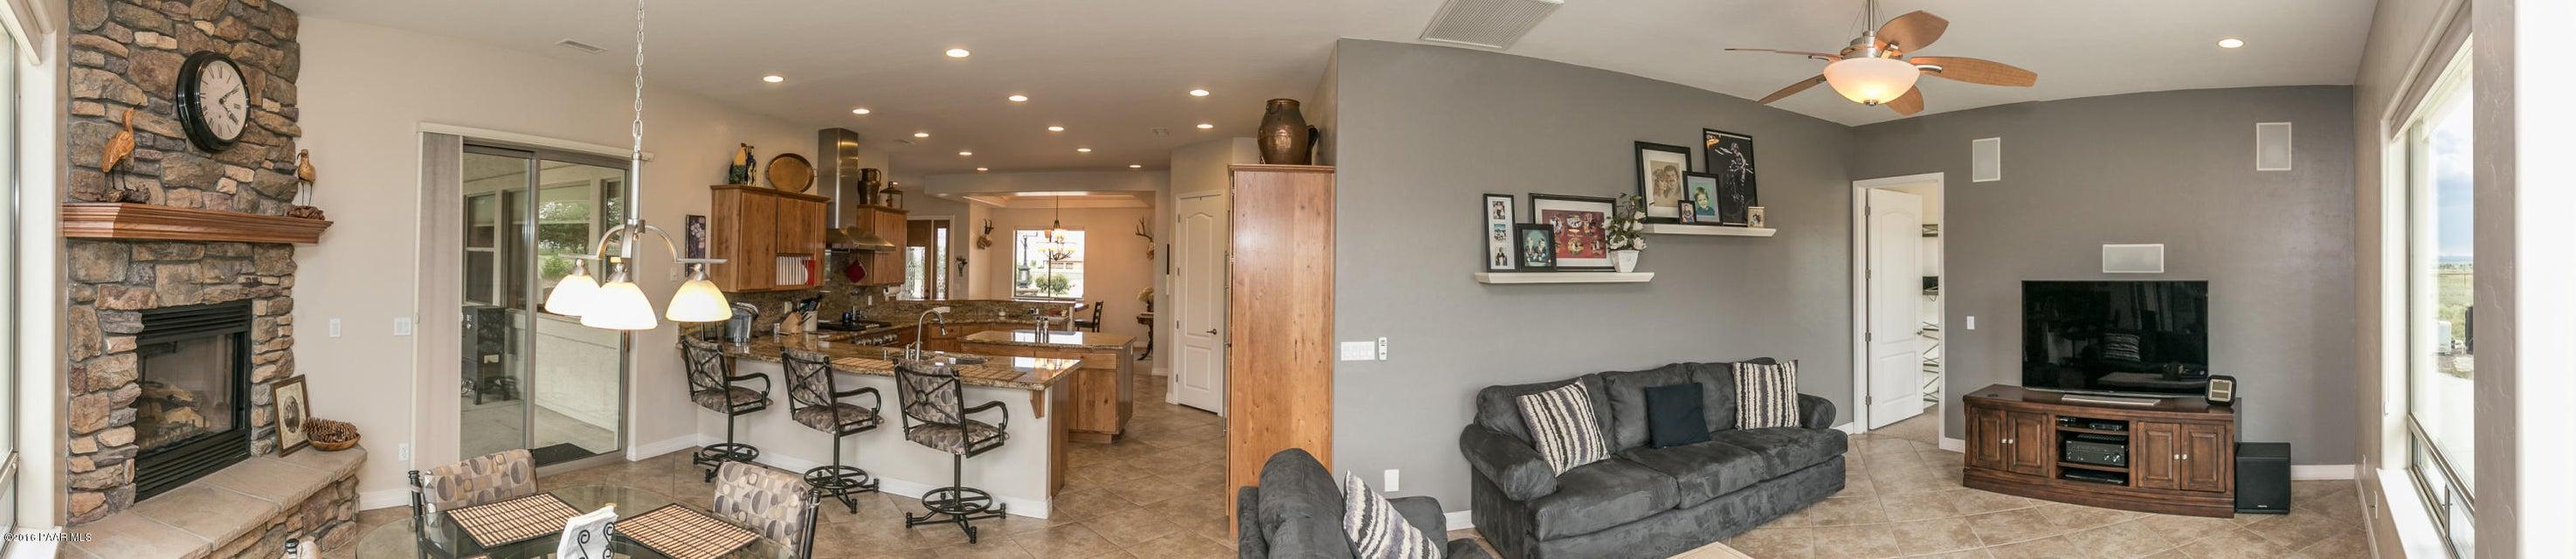 8940 Spurr Lane Building 8940 Photo 8